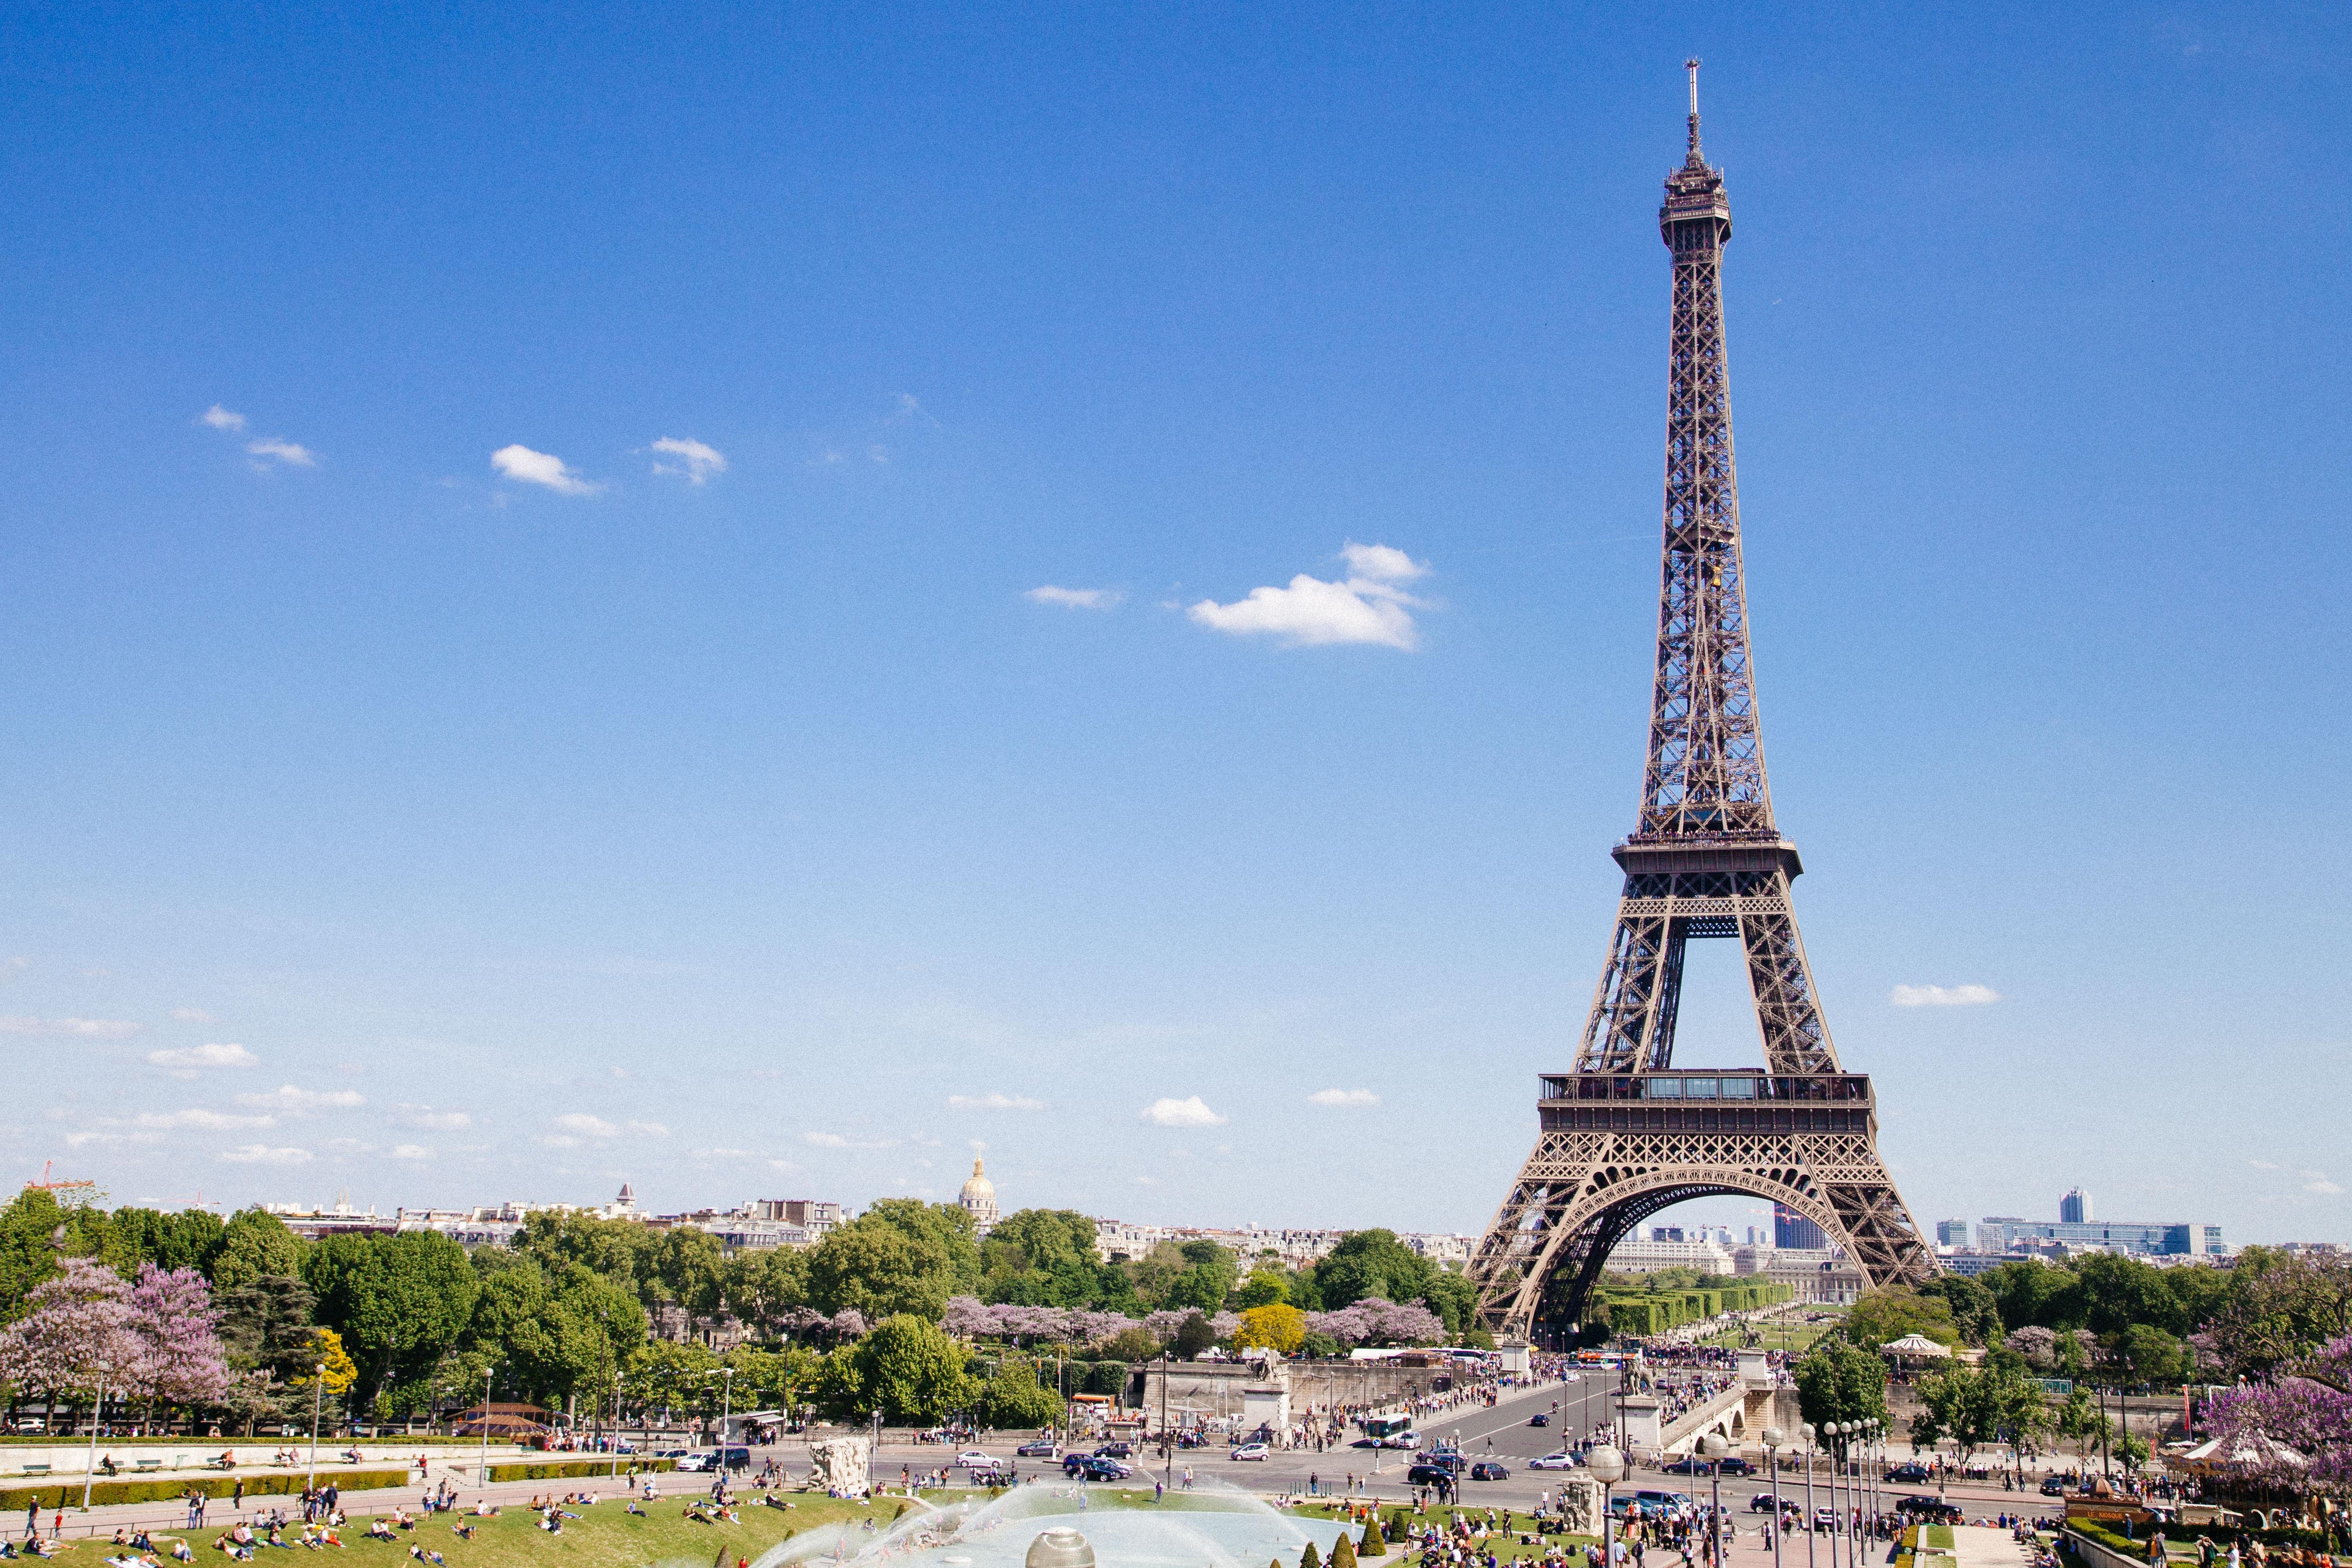 Paryż, wieża Eiffel, Francja, podróż, podróżowanie, wyjazd, wymiana walut, Ekantor.pl